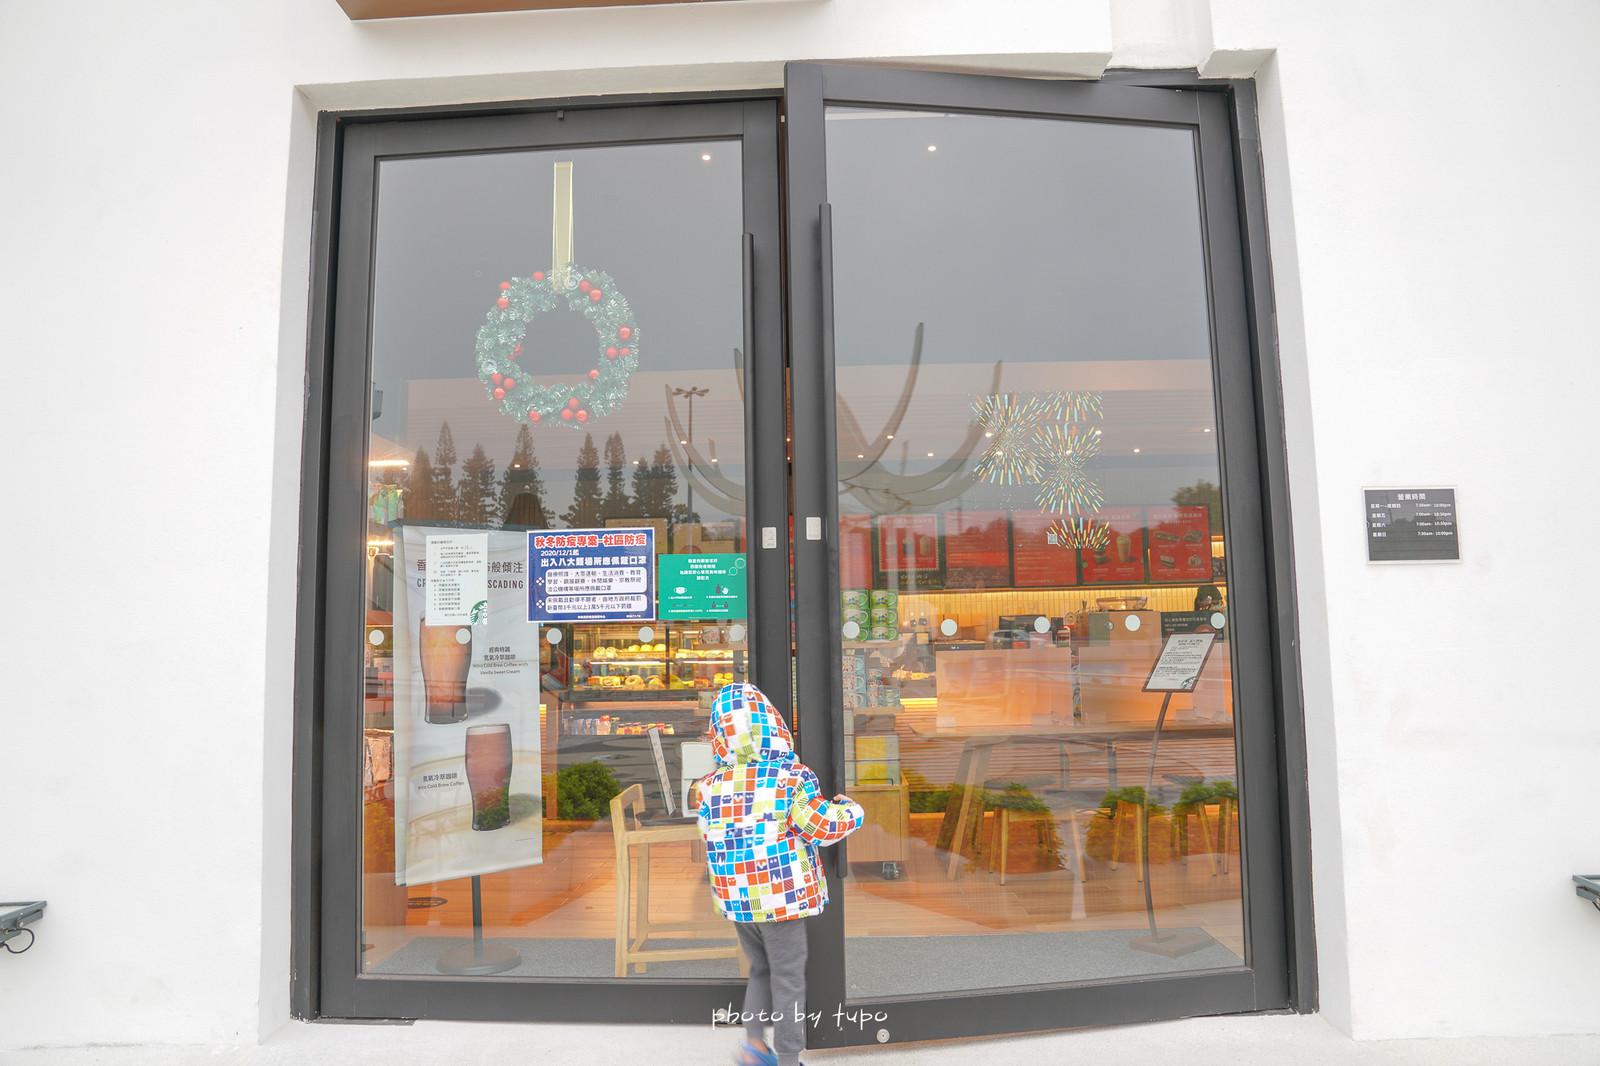 台中新景點》超美!星巴克泰安南門市,南下泰安休息站裡的白色積木城堡,優惠第二杯半價,國道第一家現烤門市